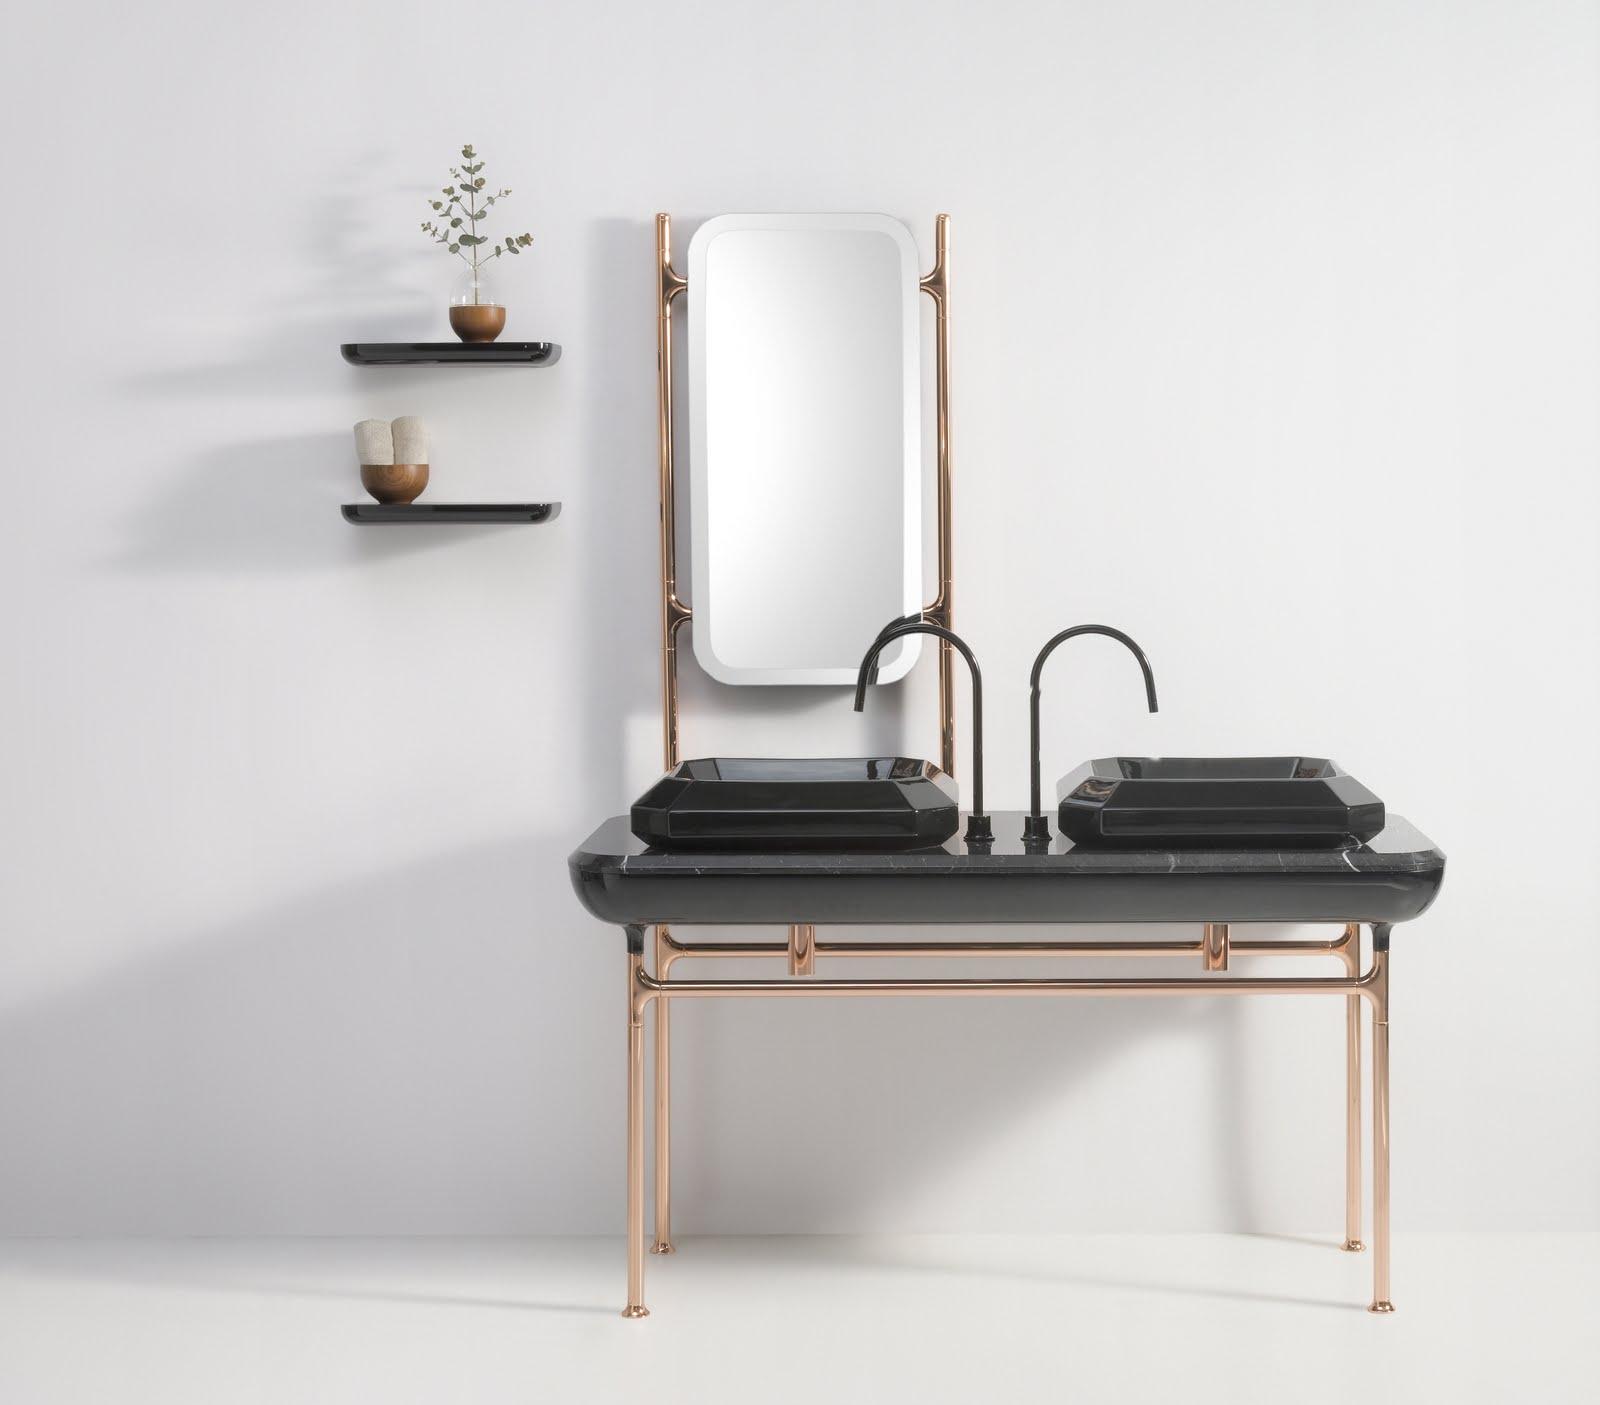 Studio annetta bisazza bagno for Bisazza bathroom ideas